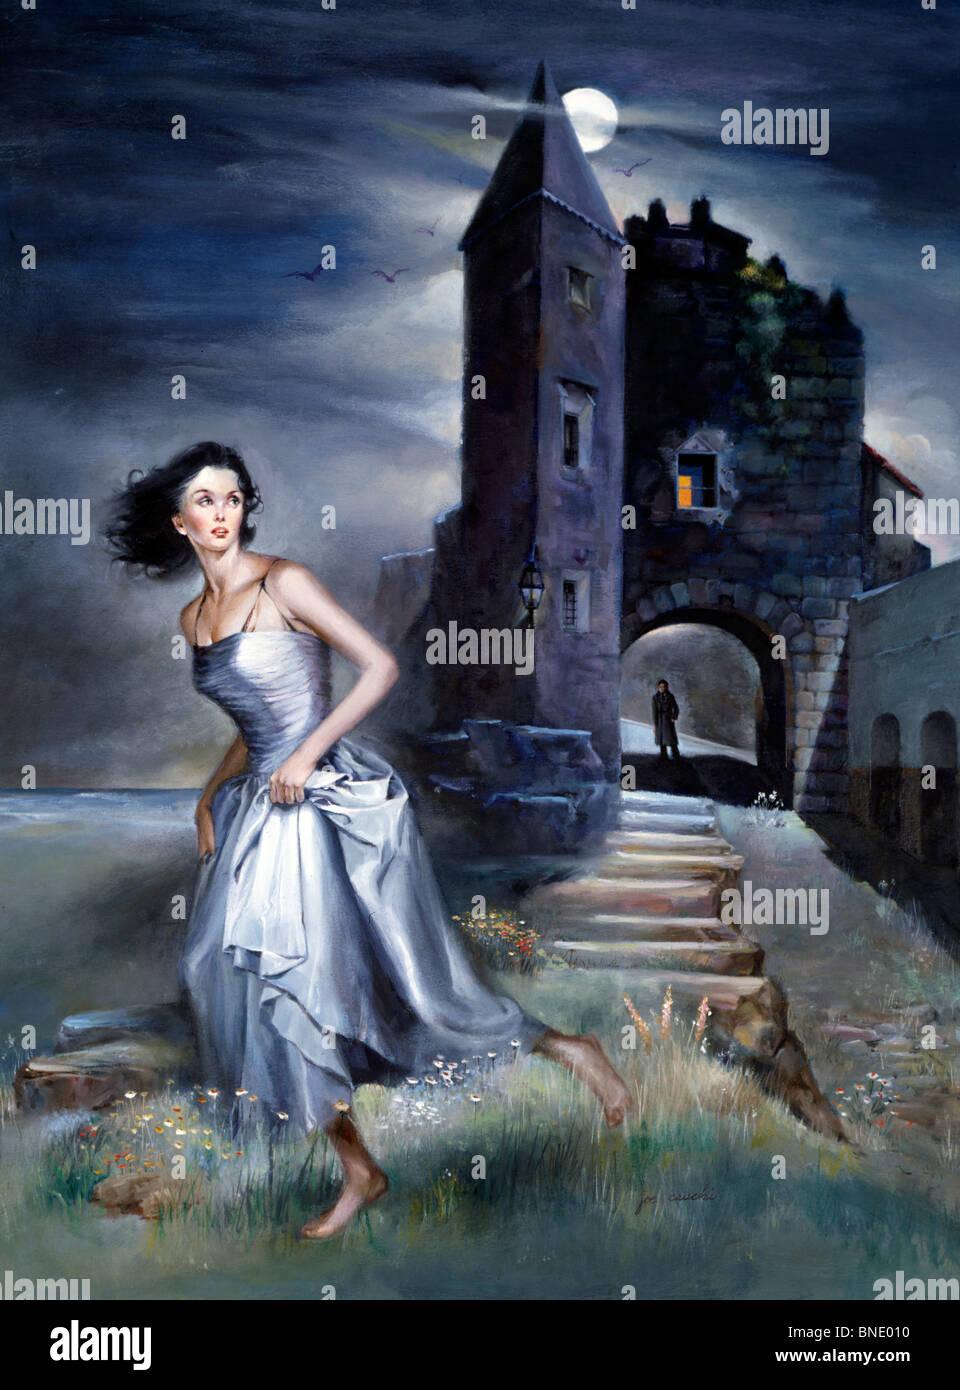 Frau rennt mit einem Schloss im Hintergrund Stockbild